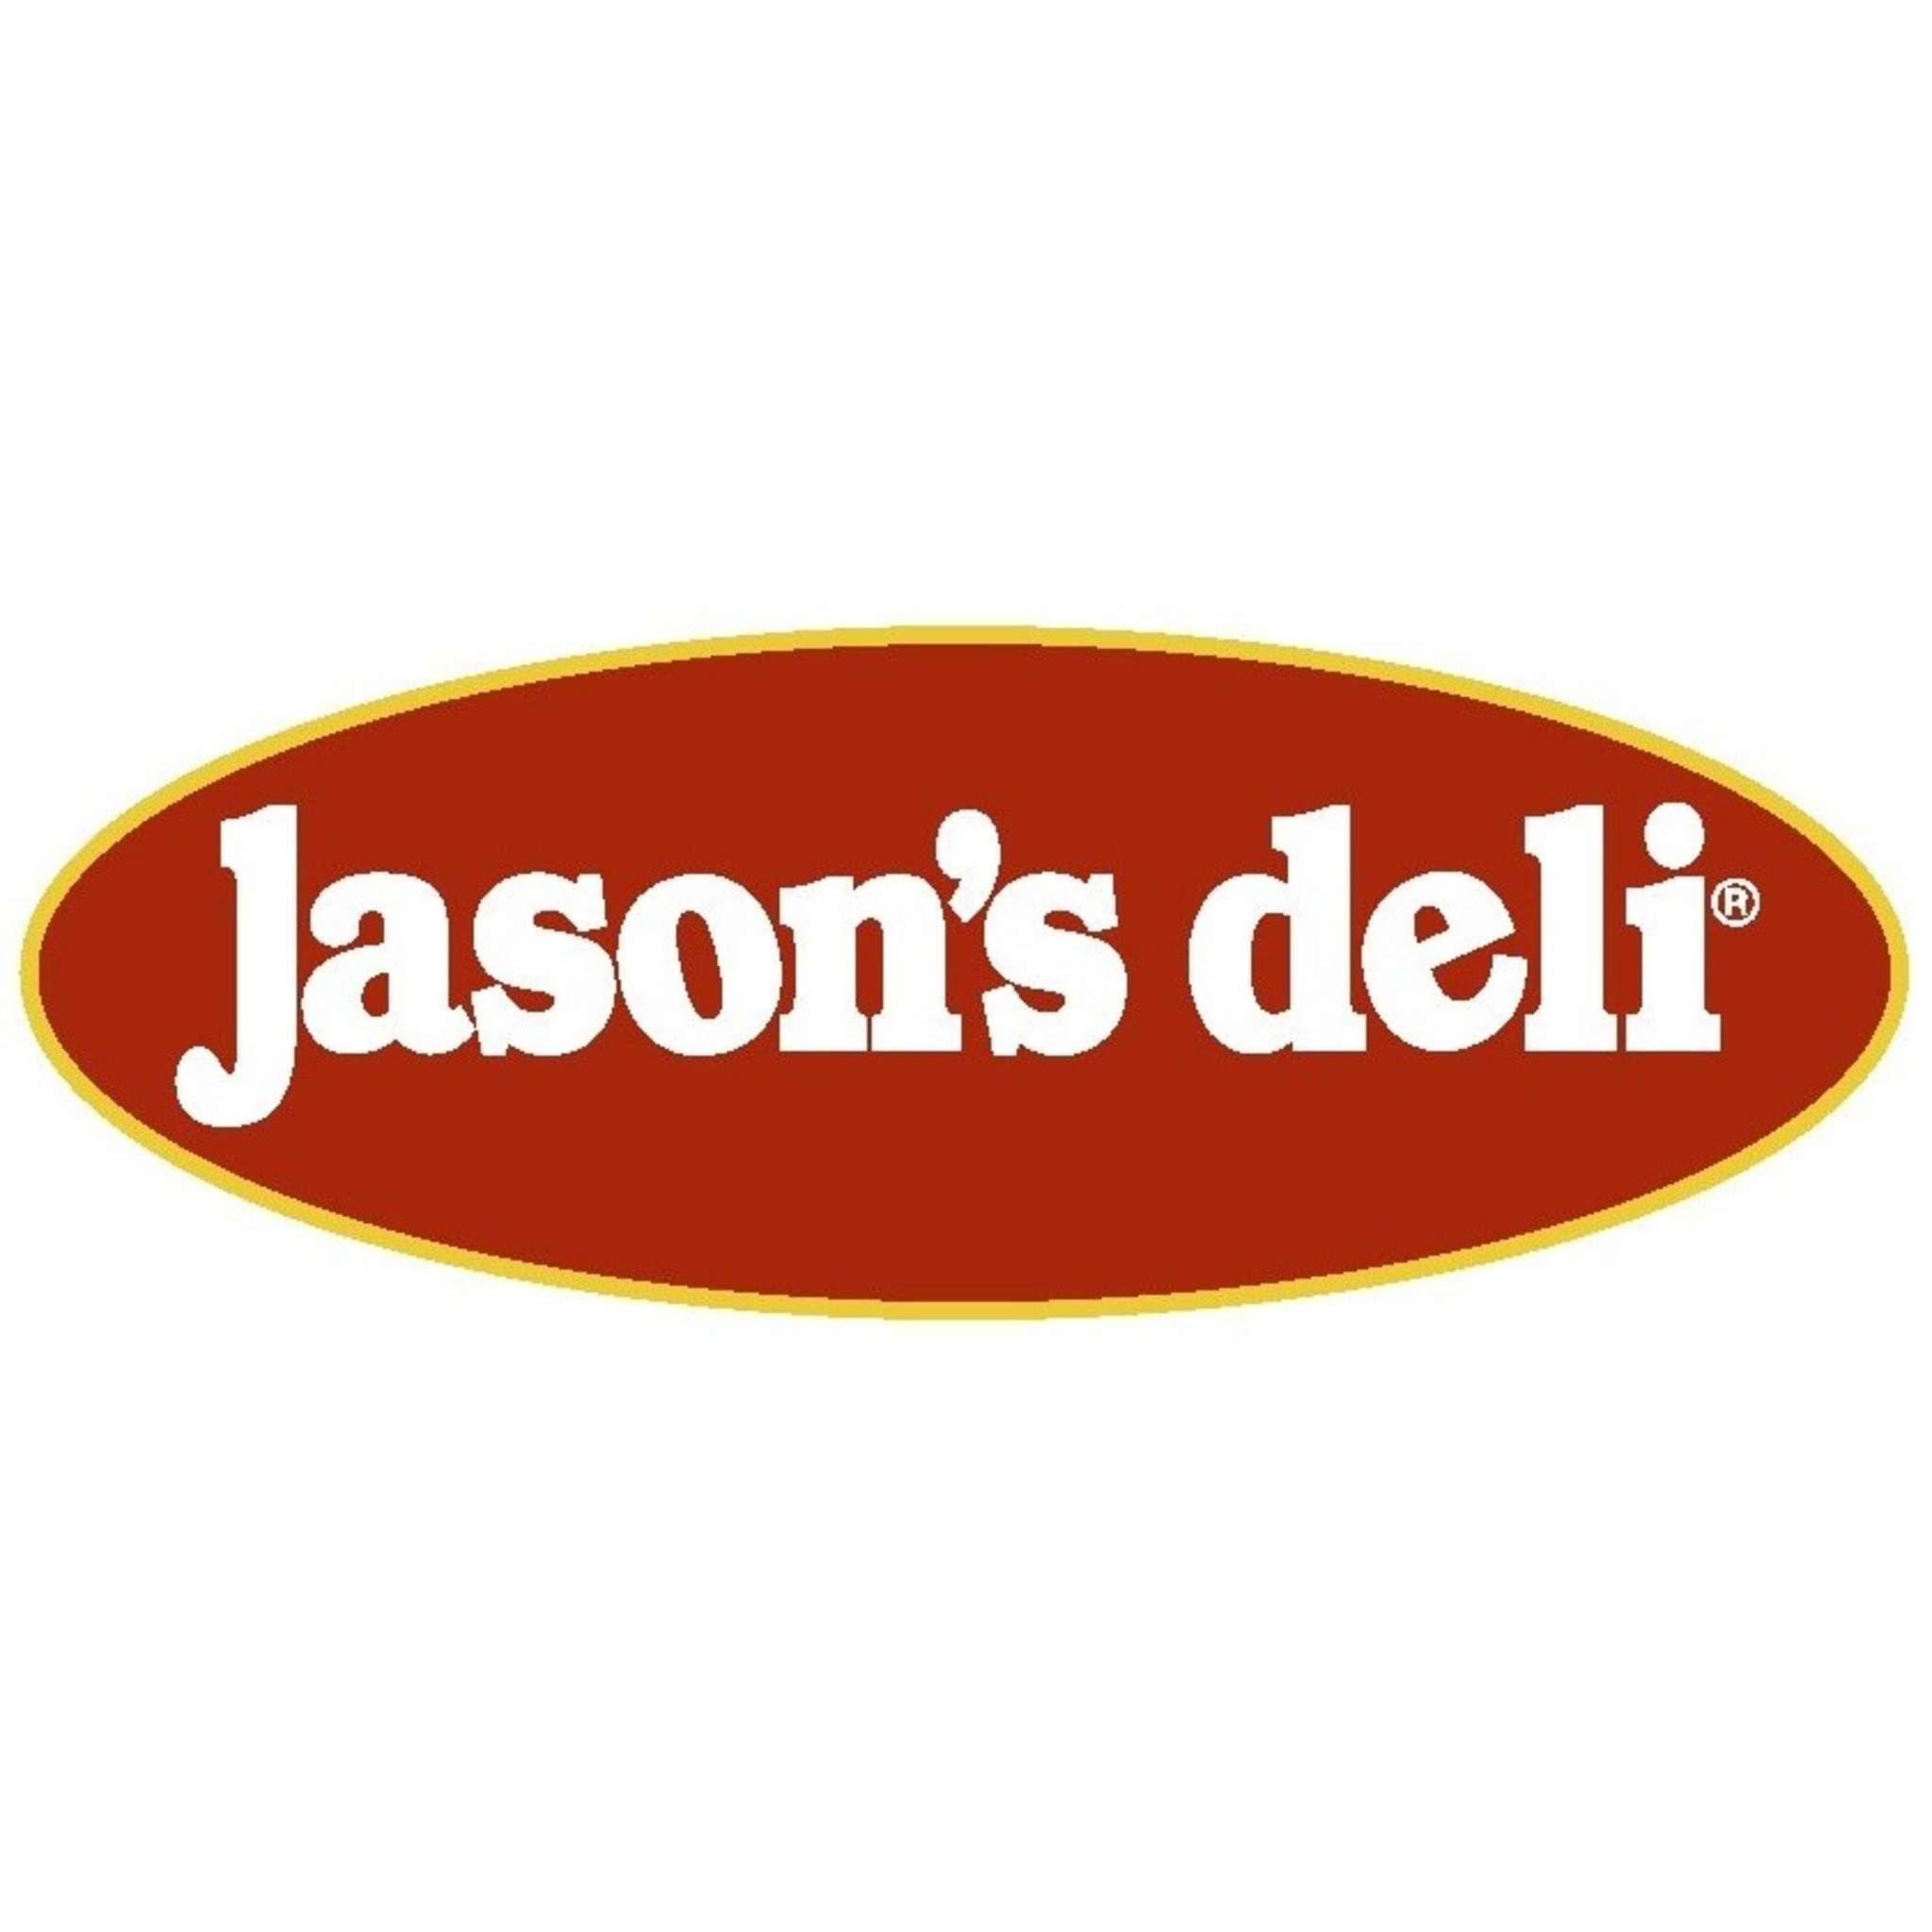 Jason S Deli Catering Menu Prices   2015 Jason S Deli